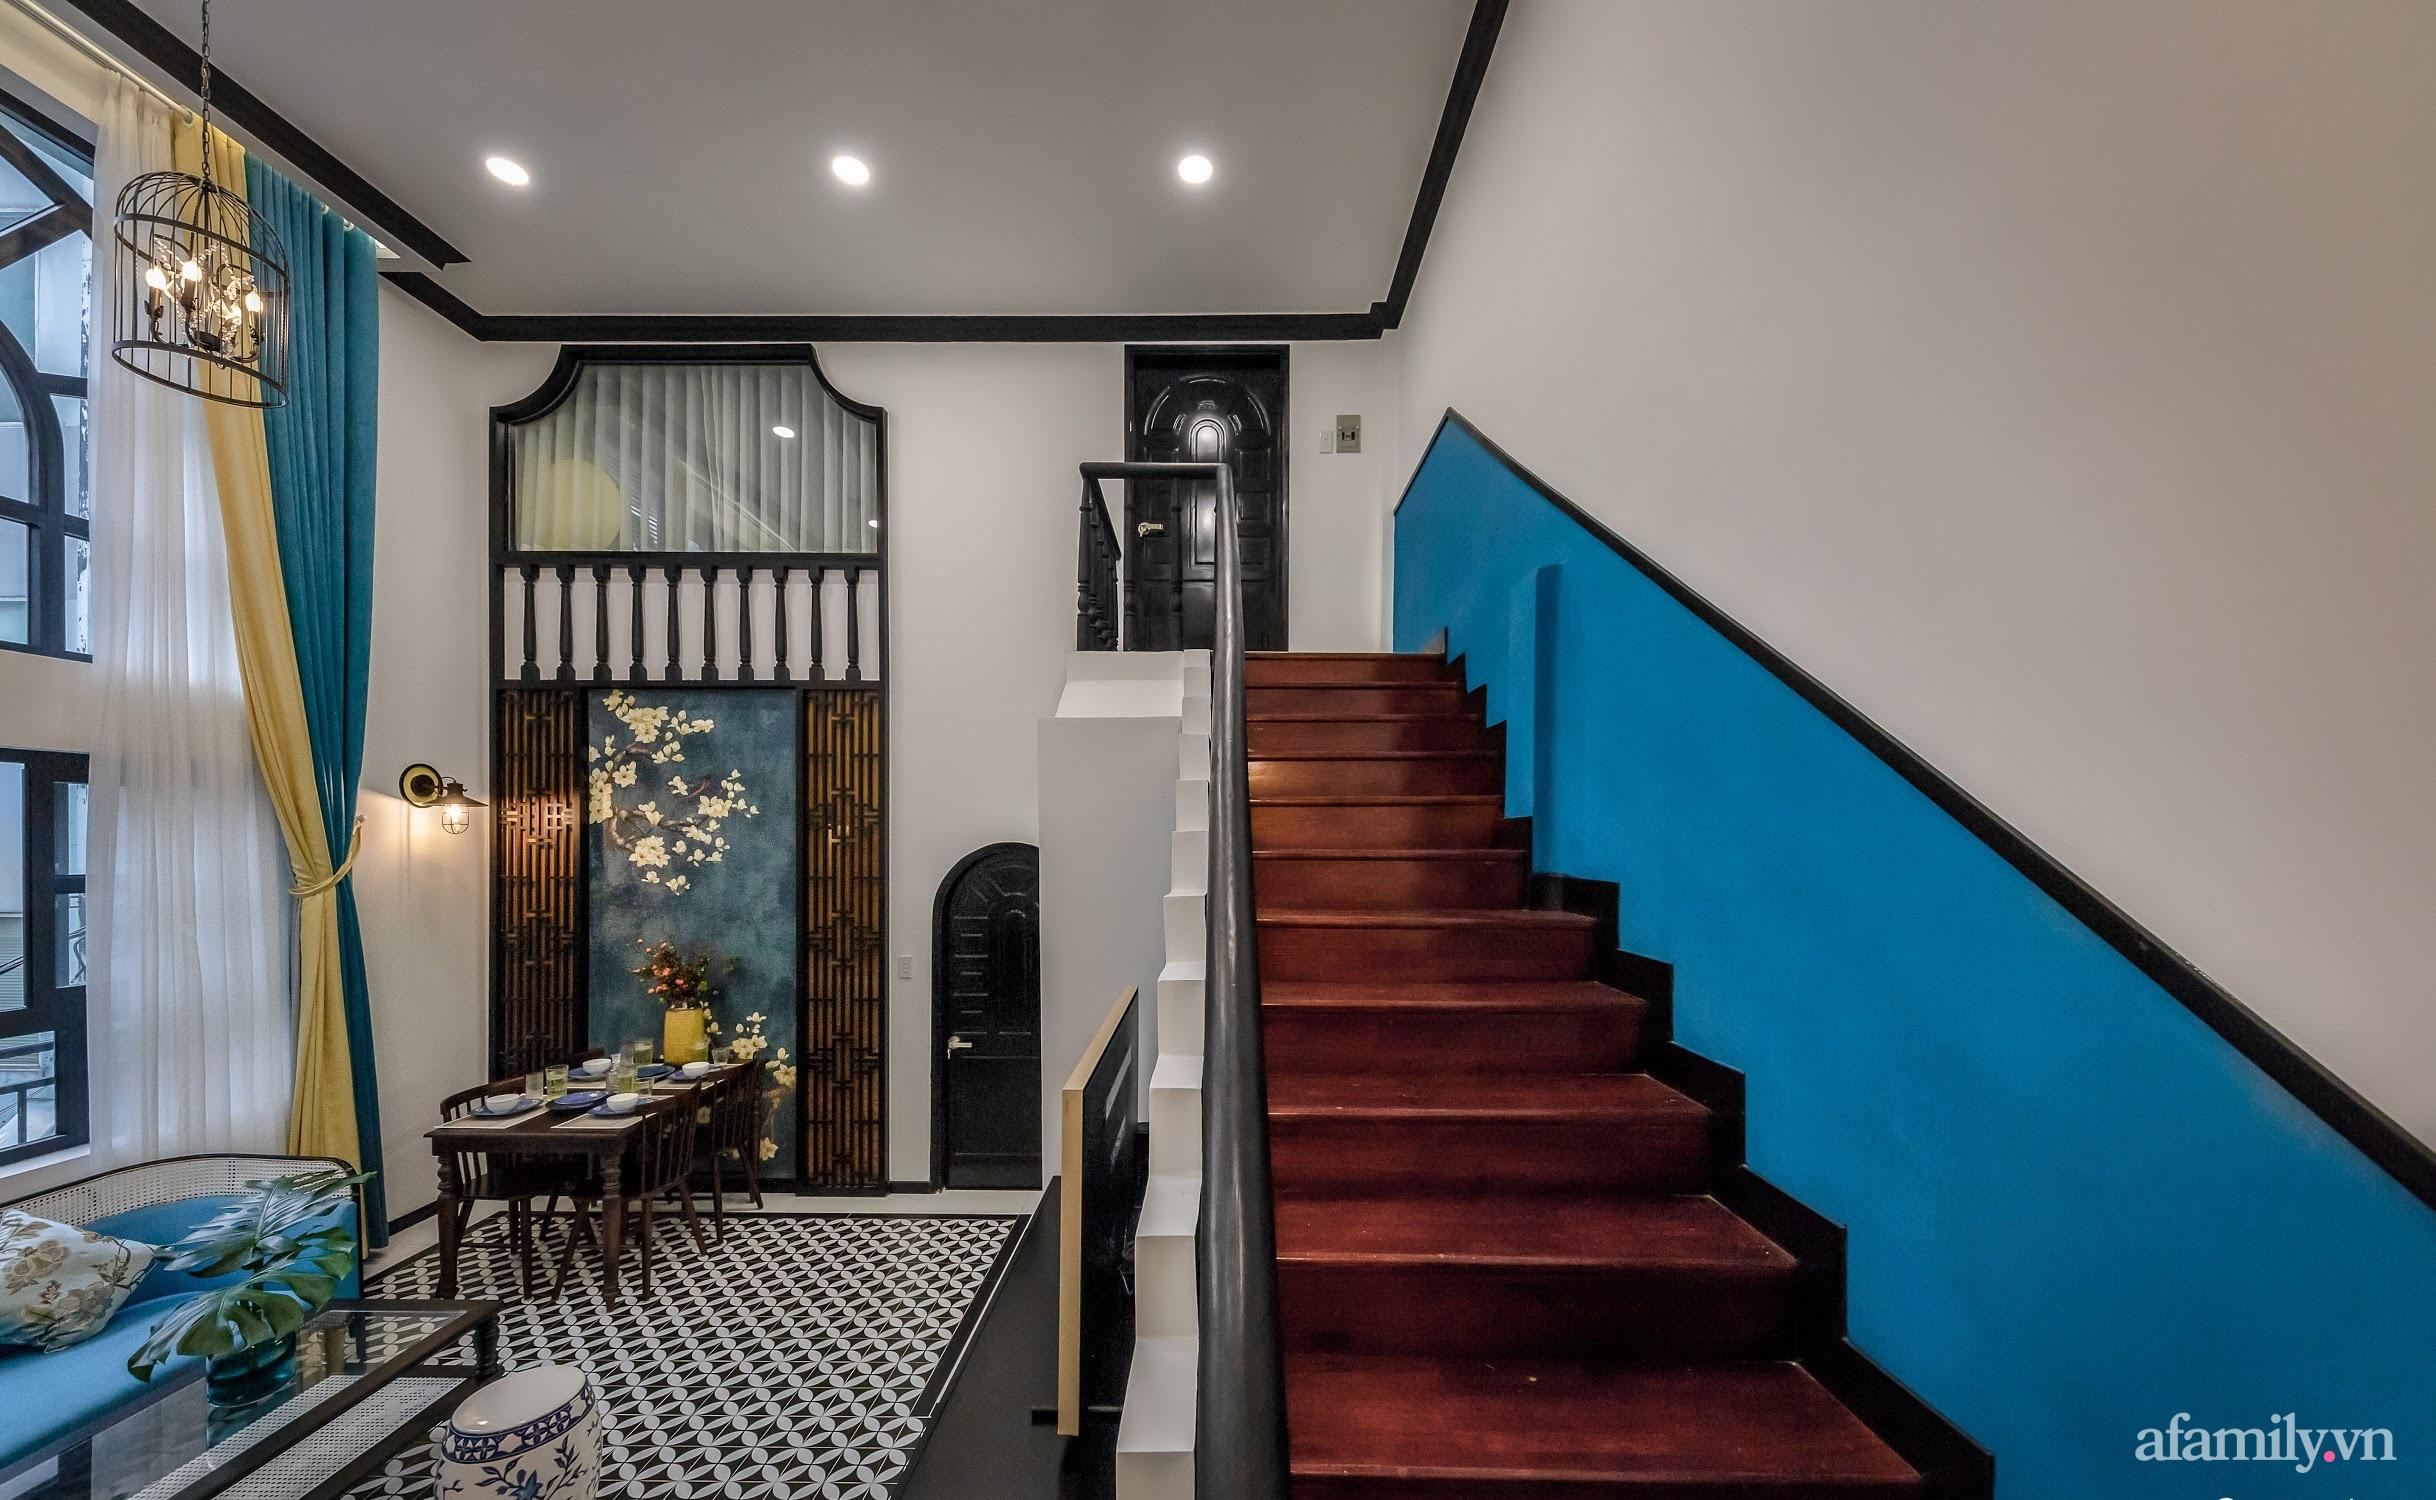 Cải tạo căn hộ tập thể 85m² thành không gian phảng phất vẻ đẹp Đông Dương với chi phí 700 triệu đồng ở Sài Gòn - Ảnh 5.